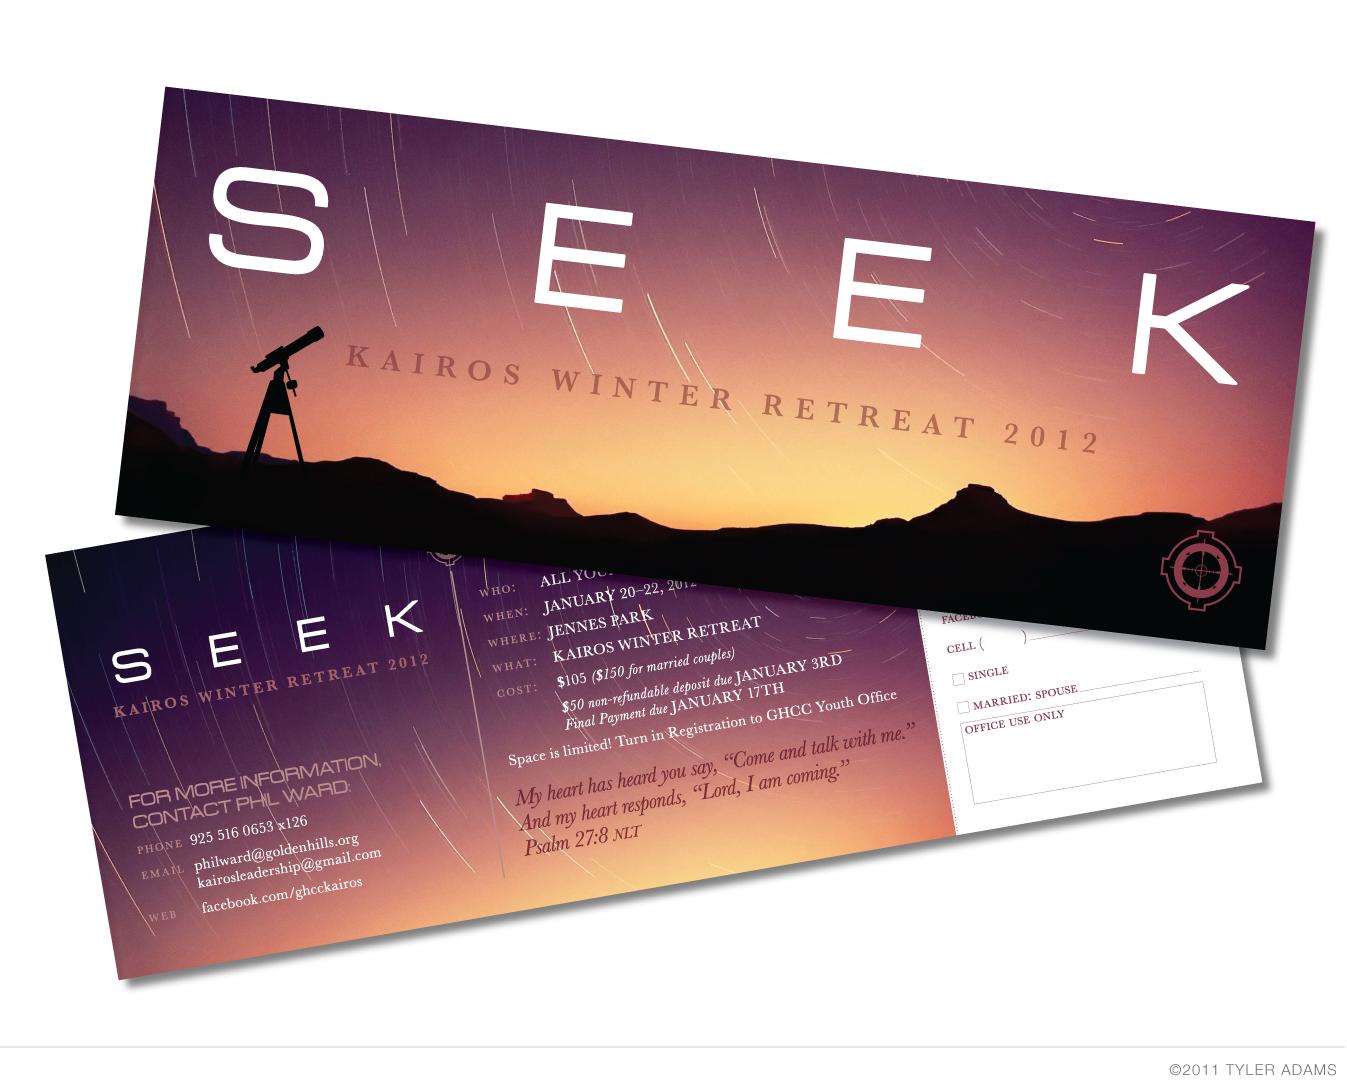 Tyler Adams Design: A Graphic Design Blog: Seek: Kairos